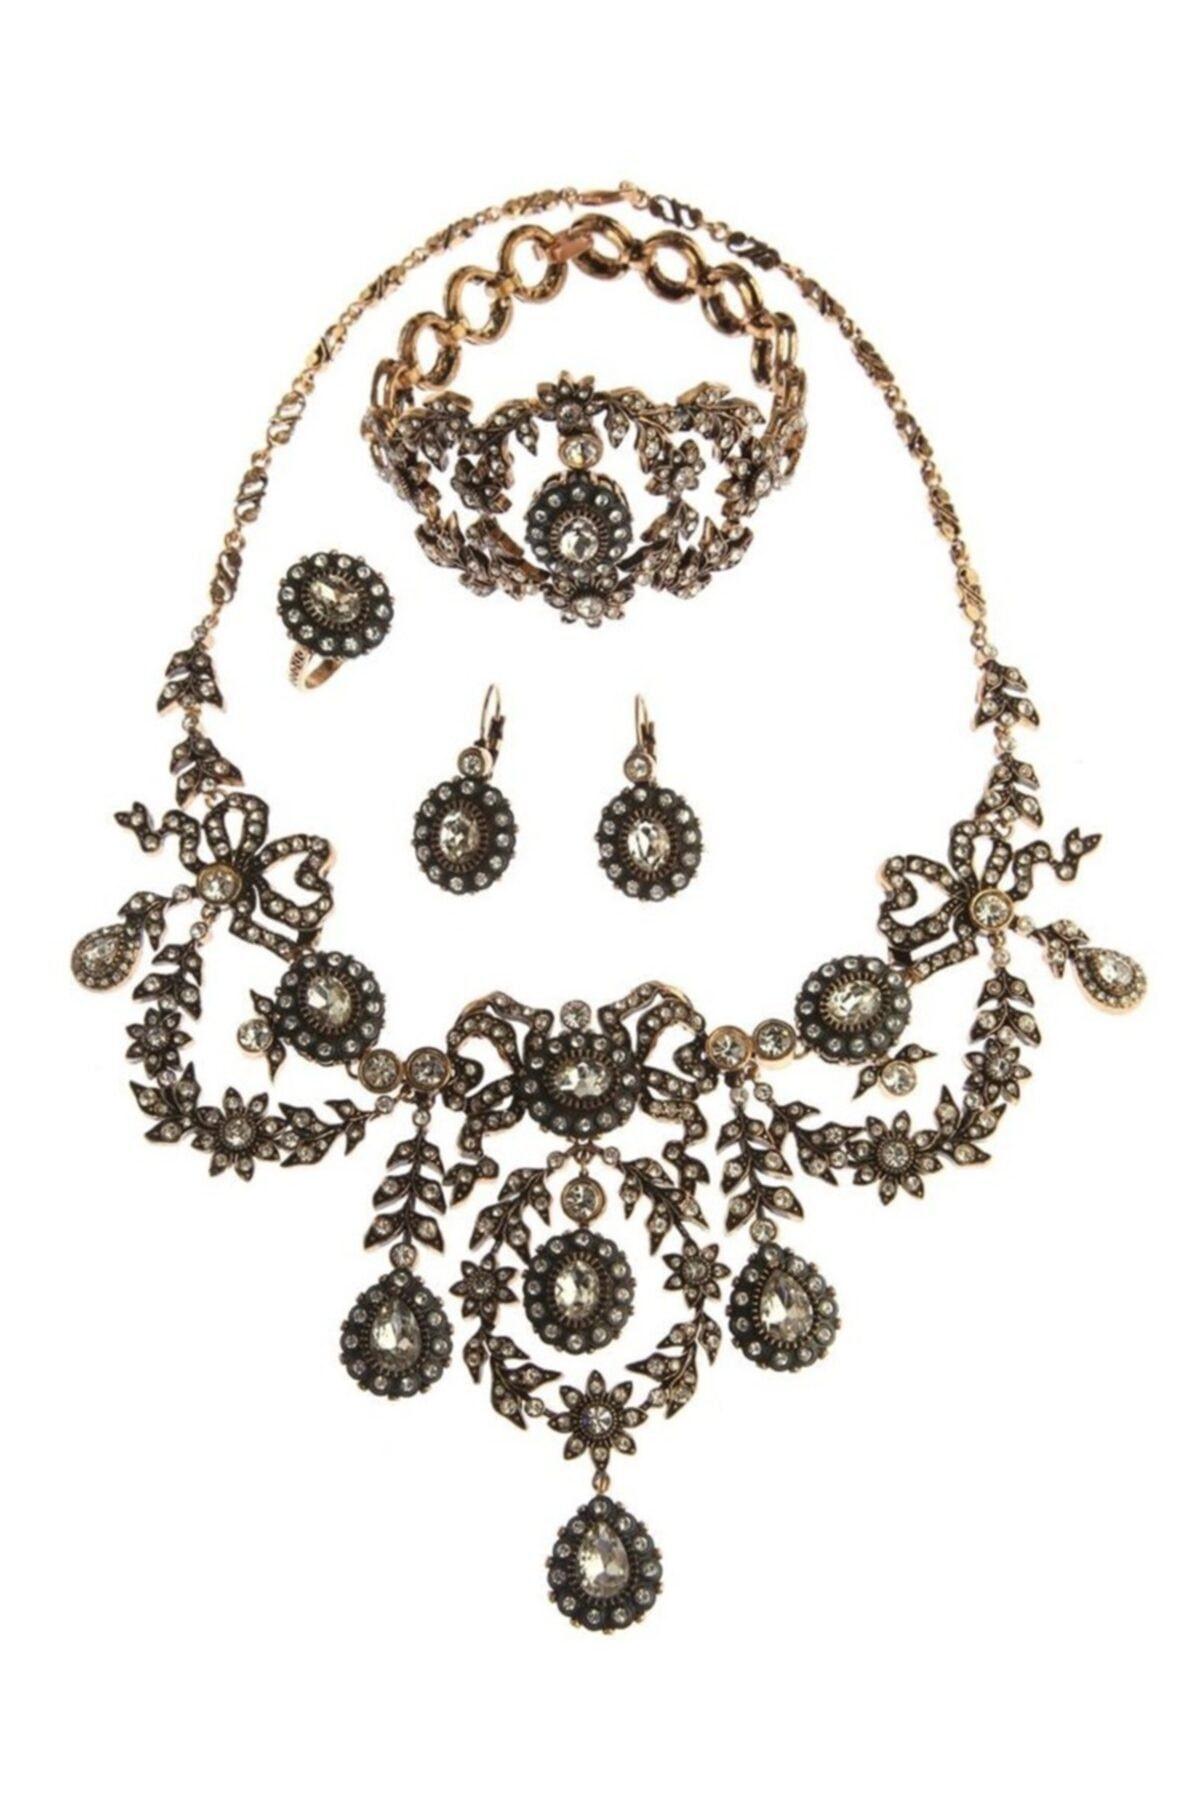 المرأة مجوهرات الأزياء النساء سلطان الماس شنت المختنق أقراط حلقة معصمه مجموعات